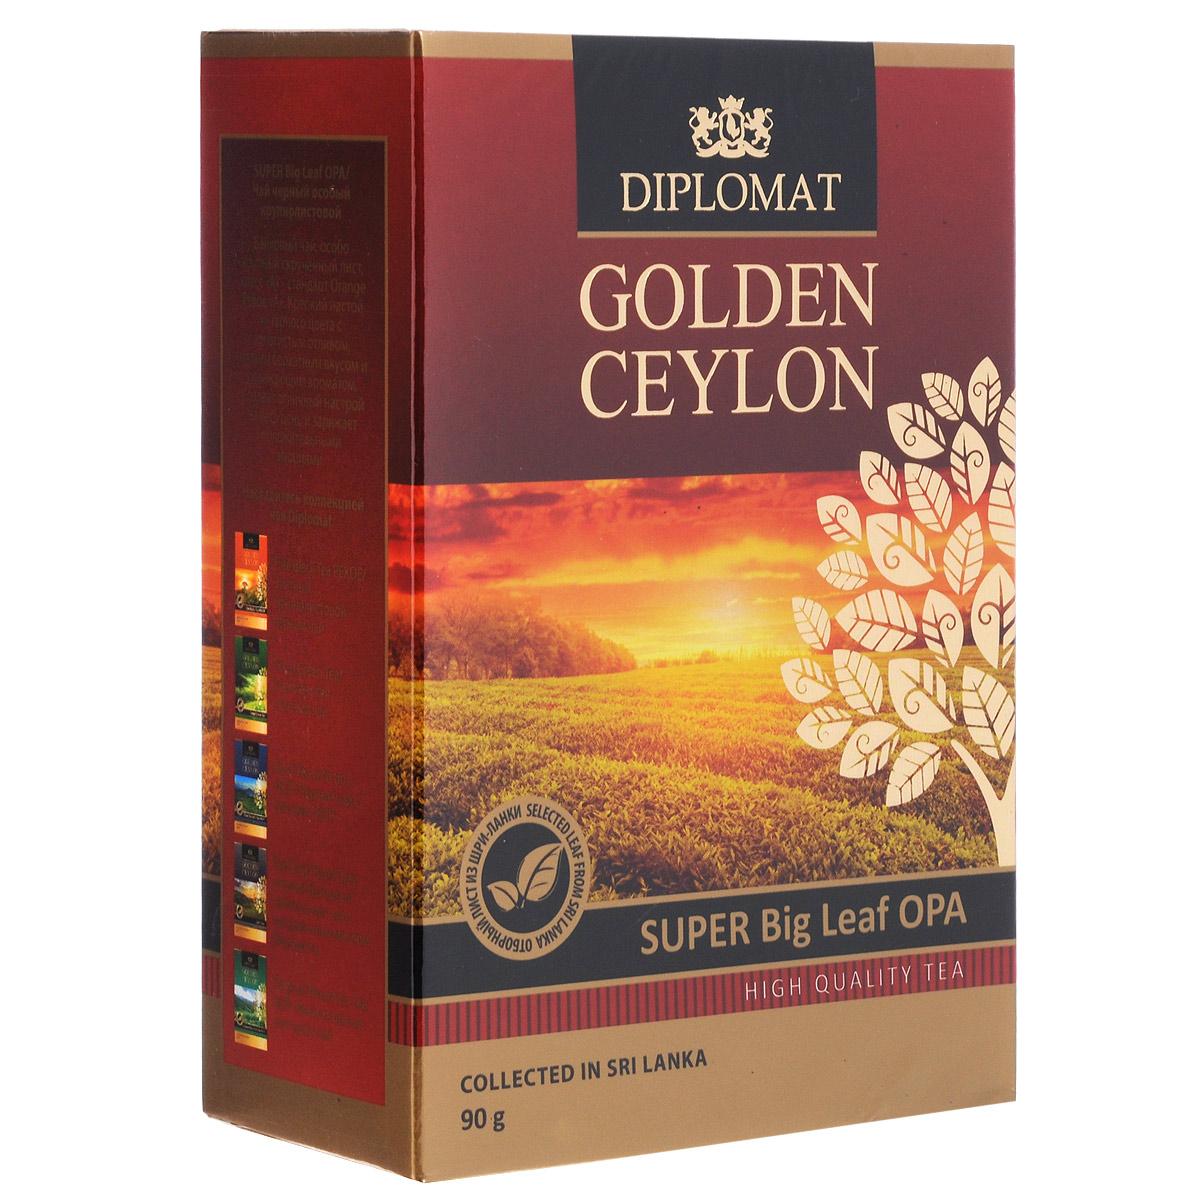 Diplomat Super Big Leaf OPA черный крупнолистовой чай, 90 г0120710Байховый чай Diplomat Super Big Leaf OPAотличается особо крупным скрученным листом - стандартом Orange Pekoe «А». Крепкий настой янтарного цвета с золотистым отливом, мягким бархатным вкусом и освежающим ароматом создает отличный настрой на весь день и заряжает положительными эмоциями.